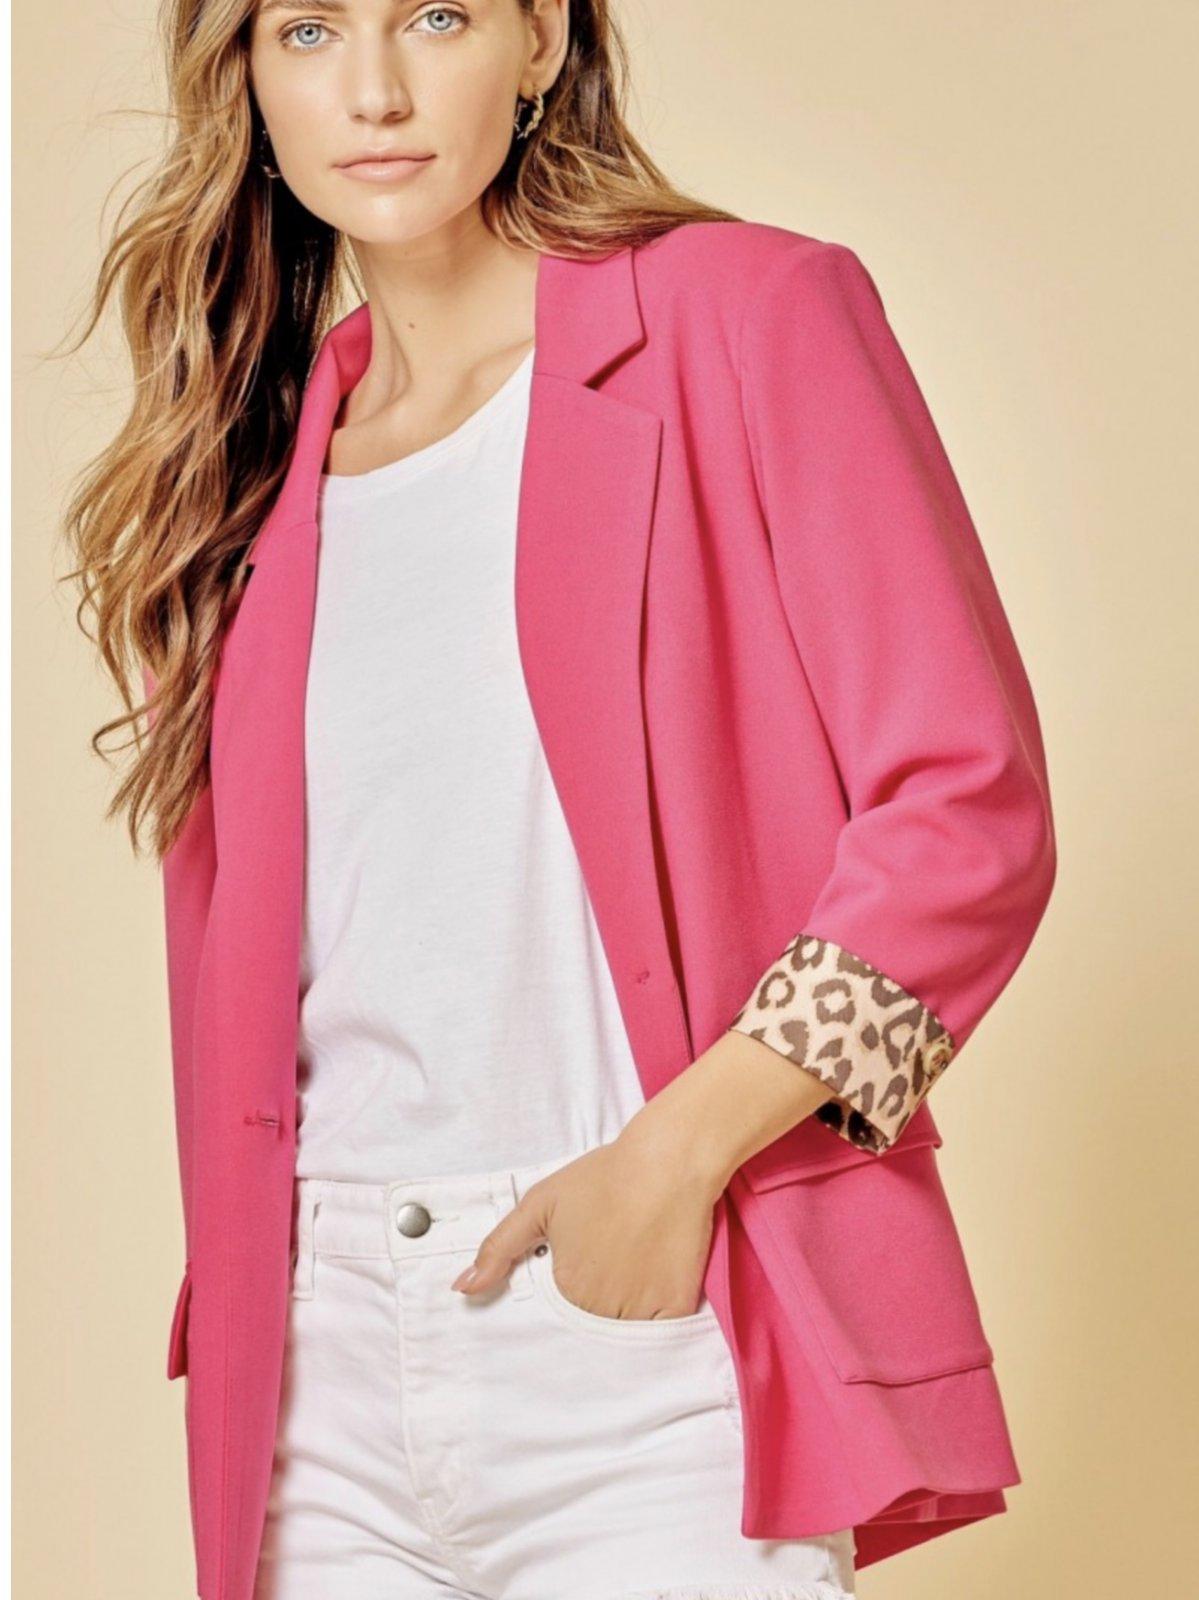 Woven Blazer with Leopard Trim